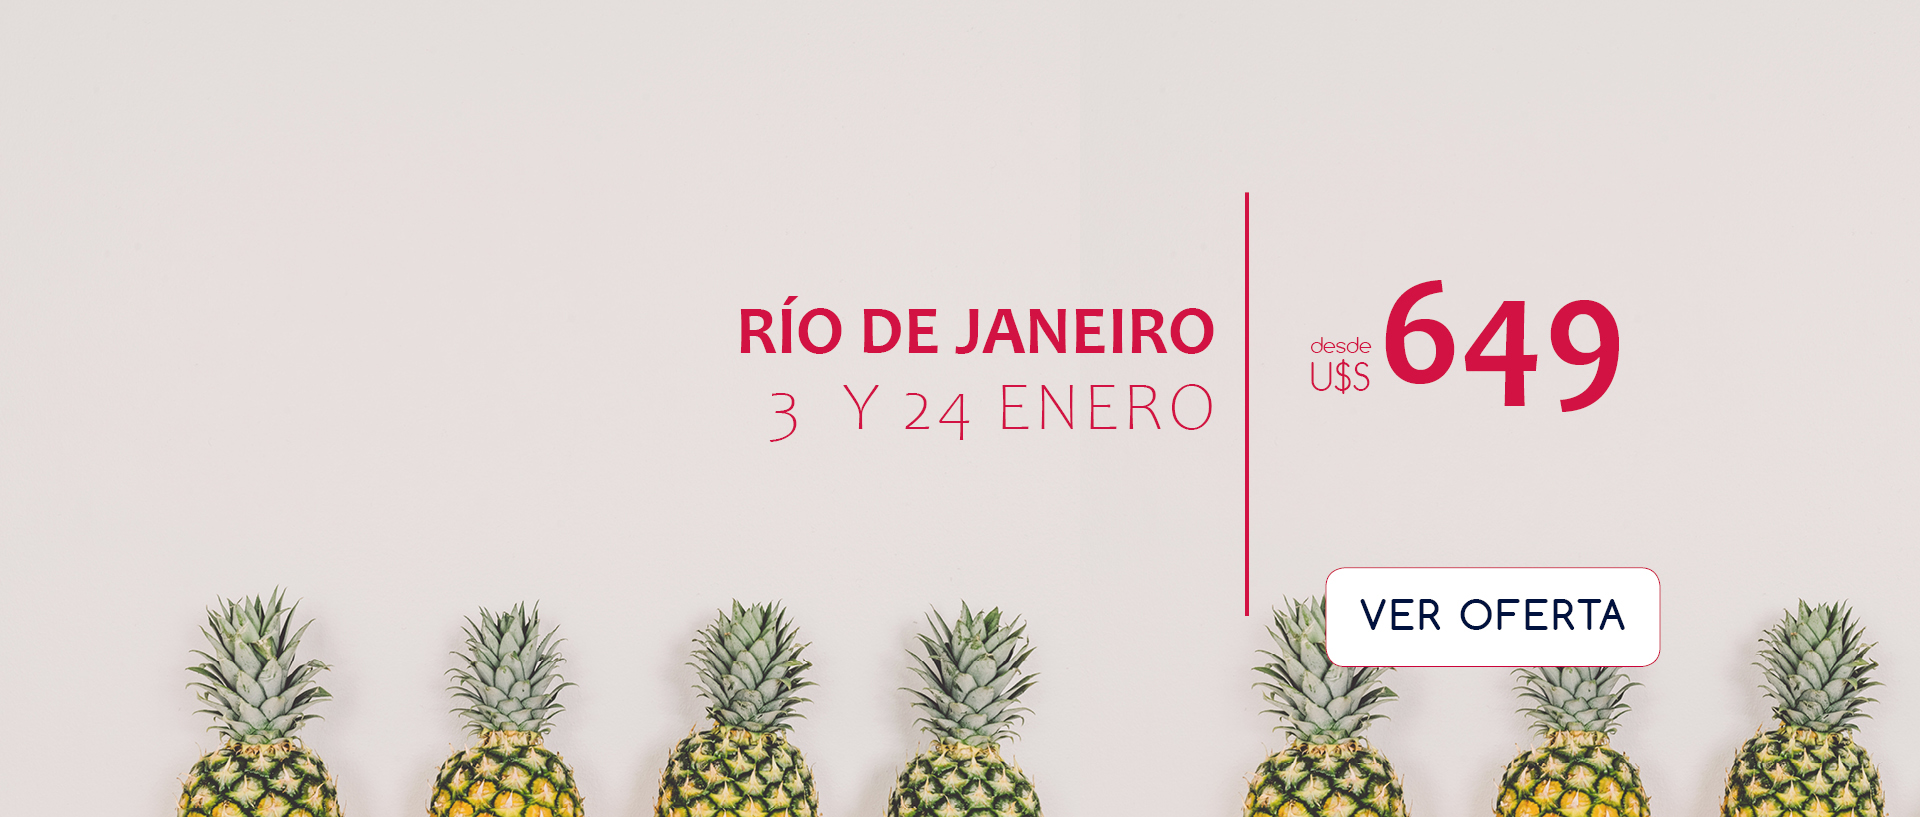 Rio verano